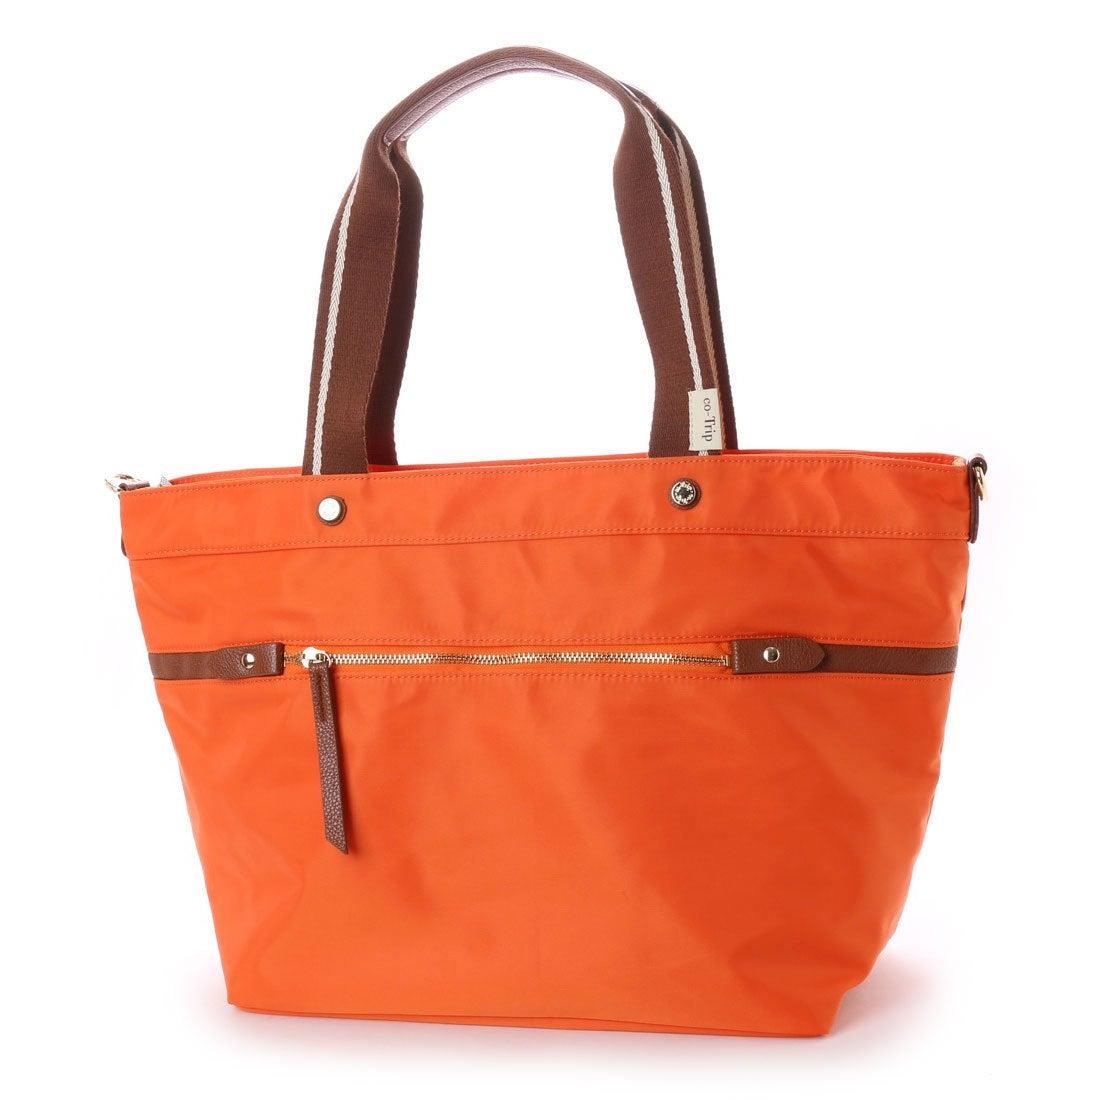 コトリップ ことりっぷ 軽量 普段使いから軽旅行まで ことりっぷ 大きめトートバッグ (オレンジ) レディース